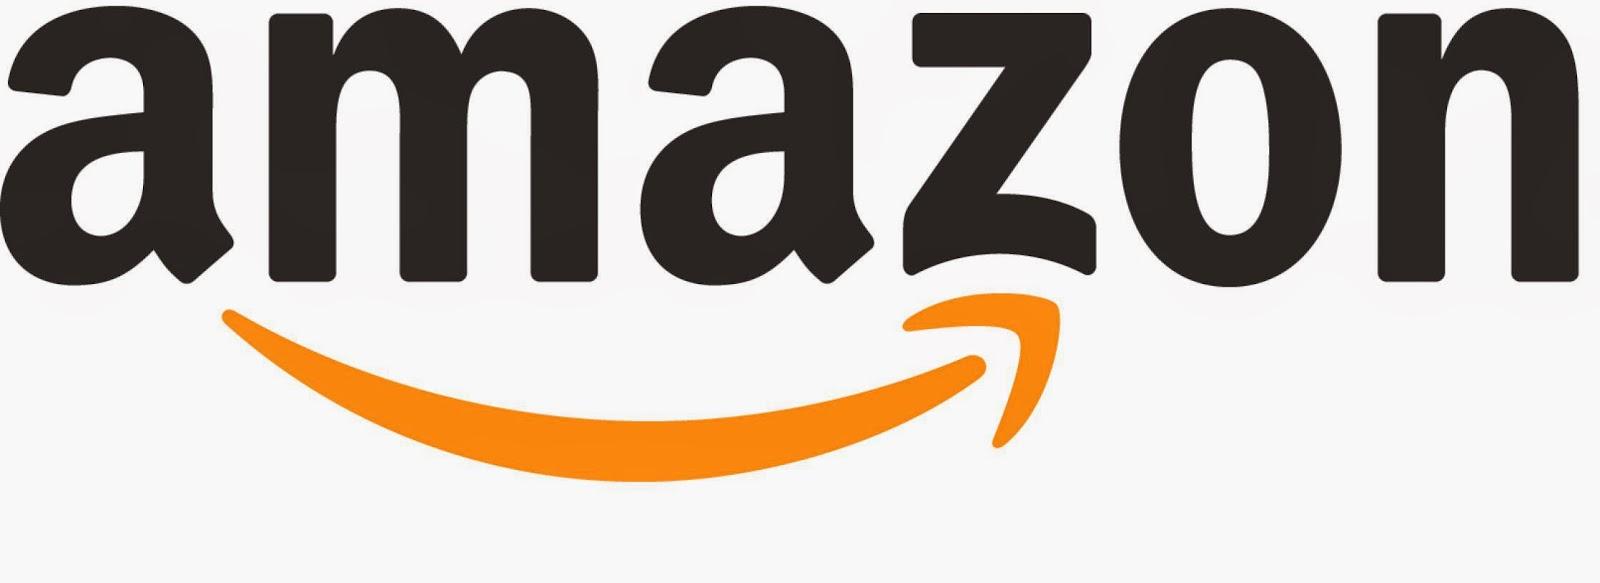 How to Buy Stuff on Amazon : eAskme